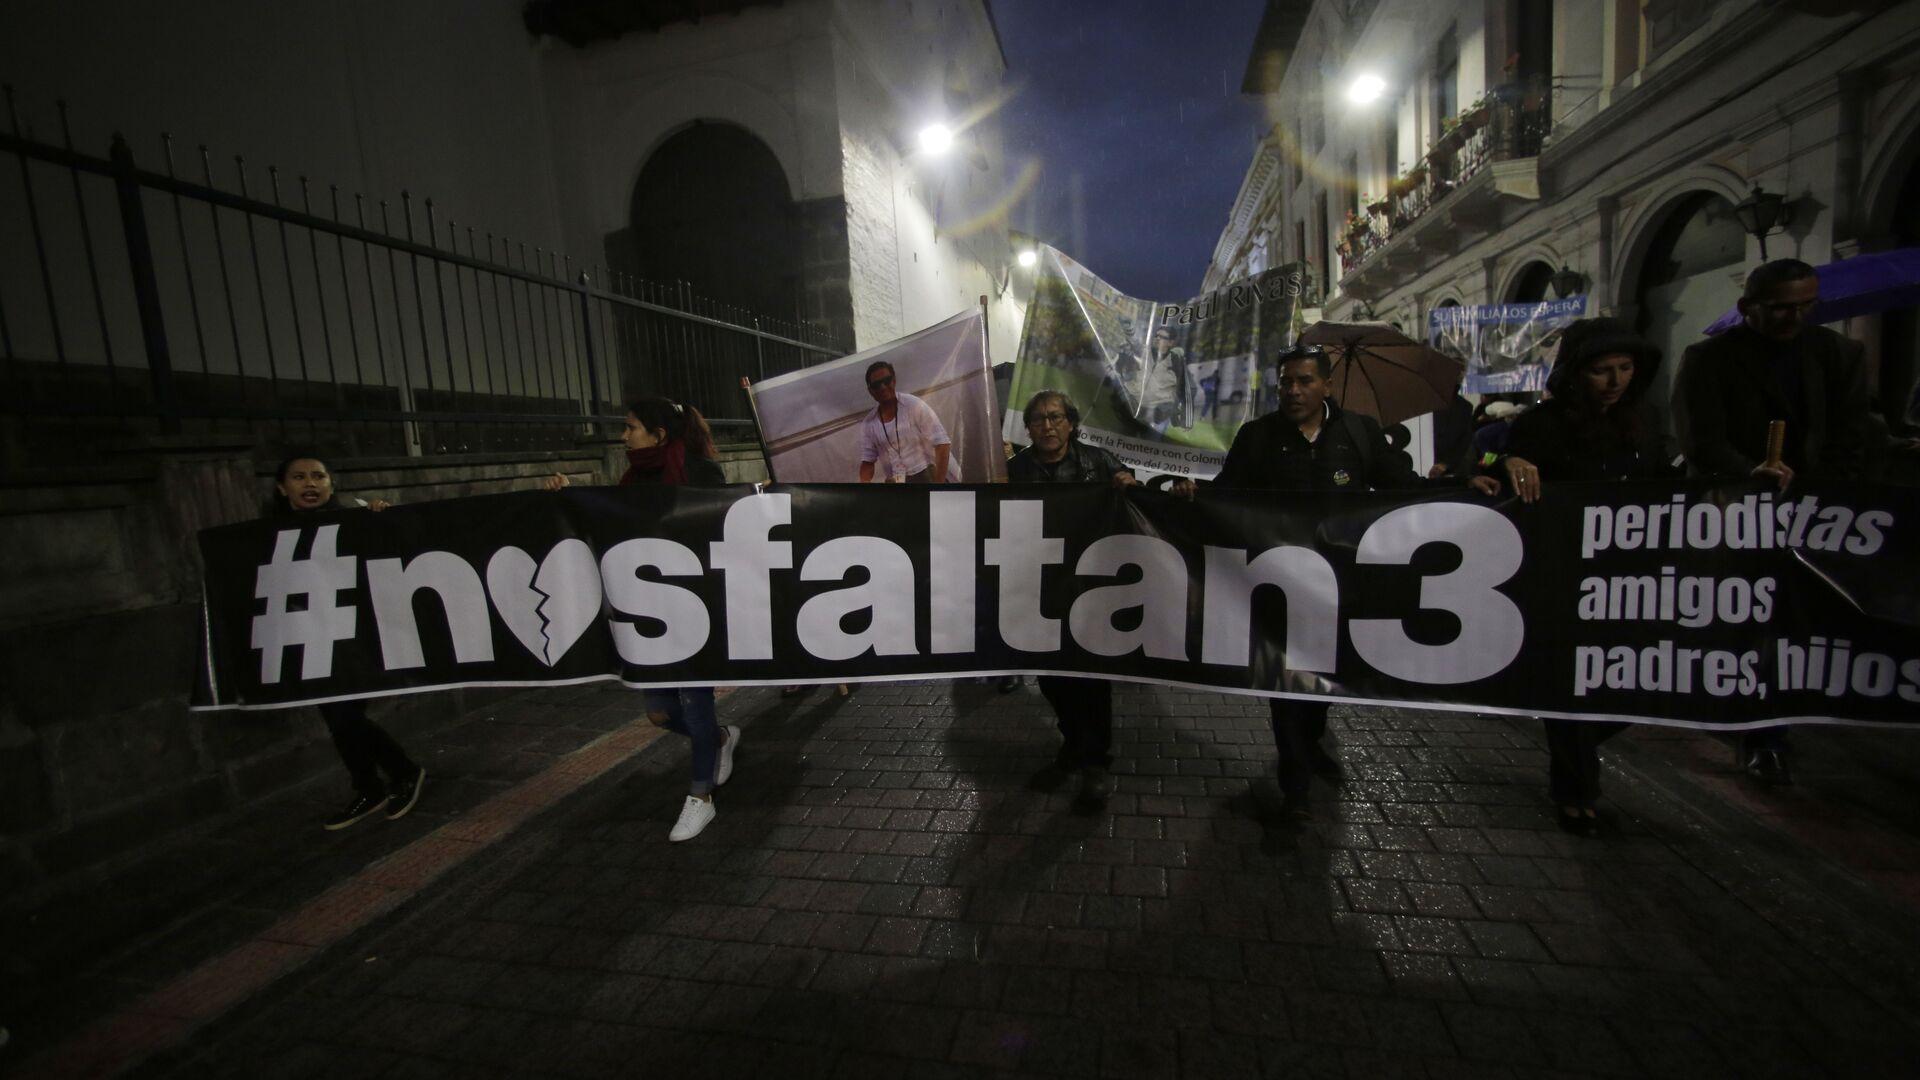 Familiares de los periodistas secuestrados en la frontera entre Colombia y ecuador - Sputnik Mundo, 1920, 12.07.2021